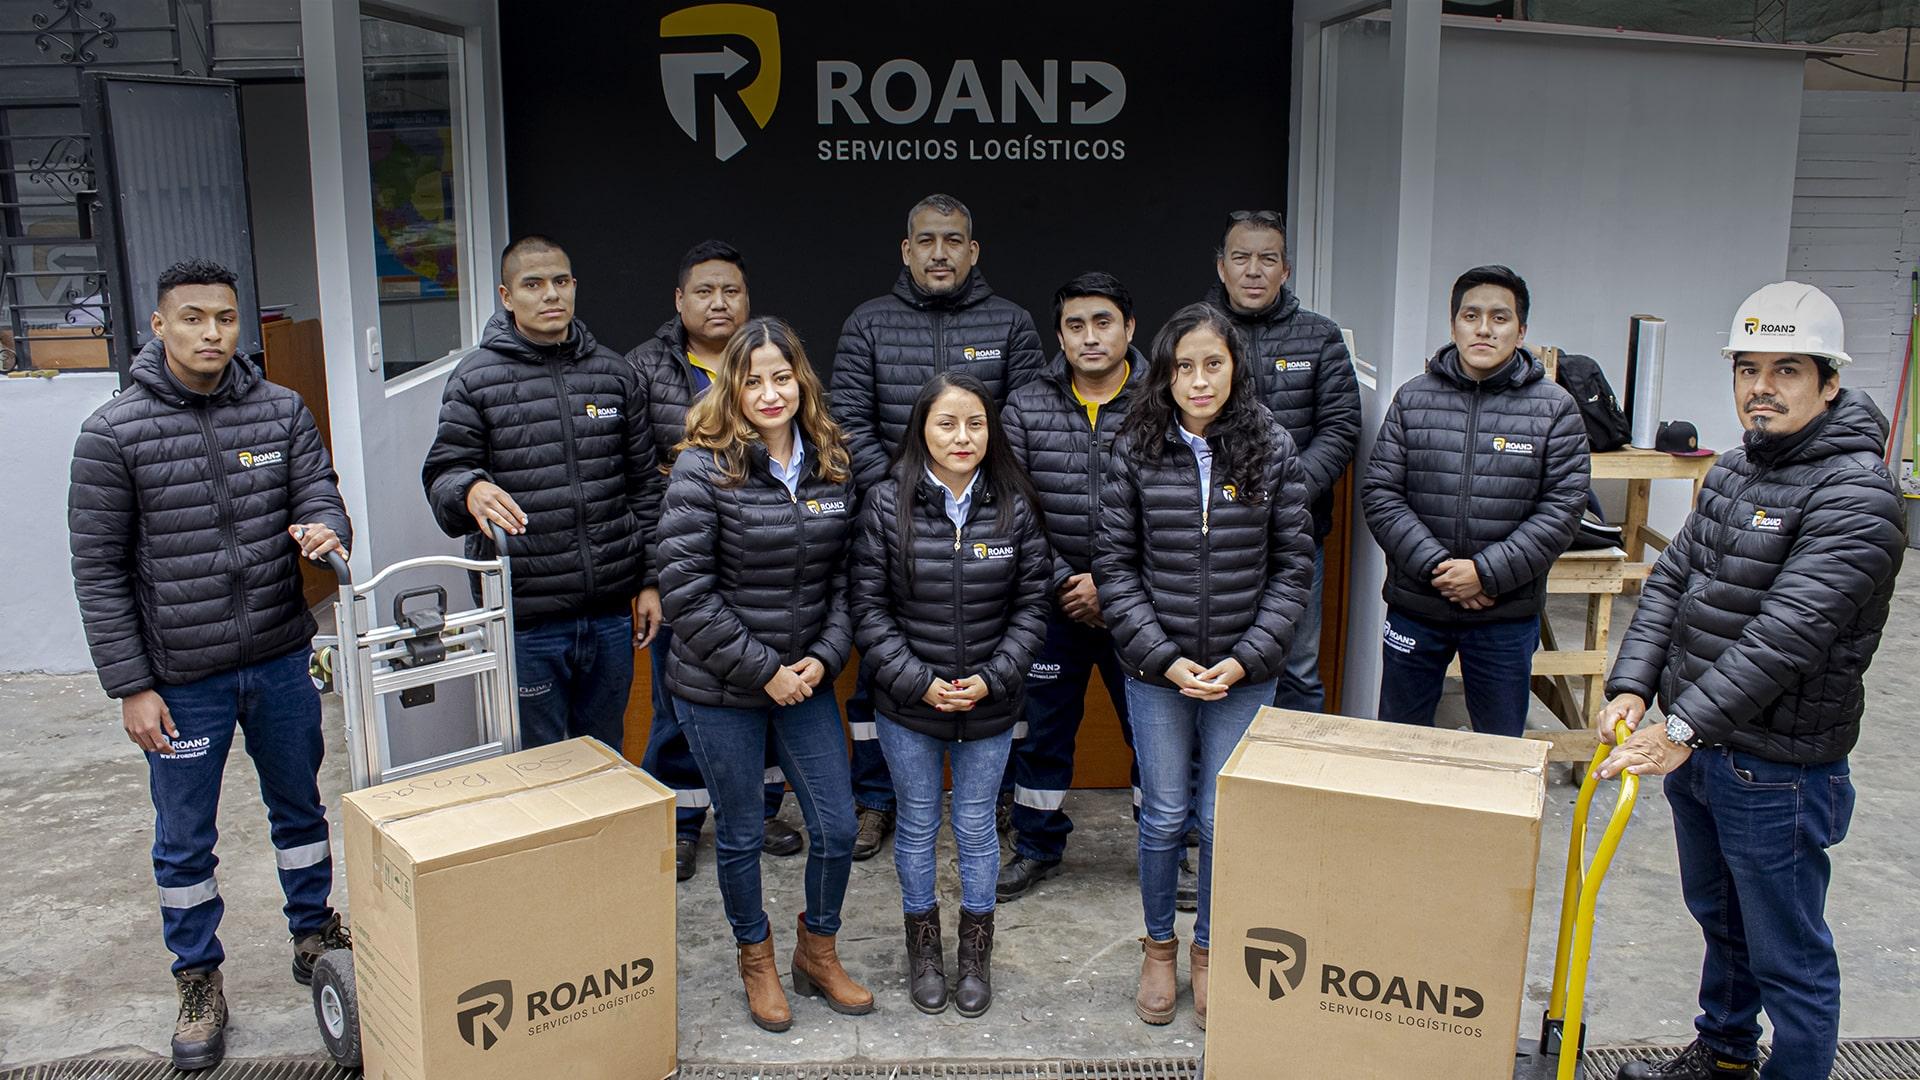 SOMOS ROAND Y BRINDAMOS SERVICIOS LOGÍSTICOS DE